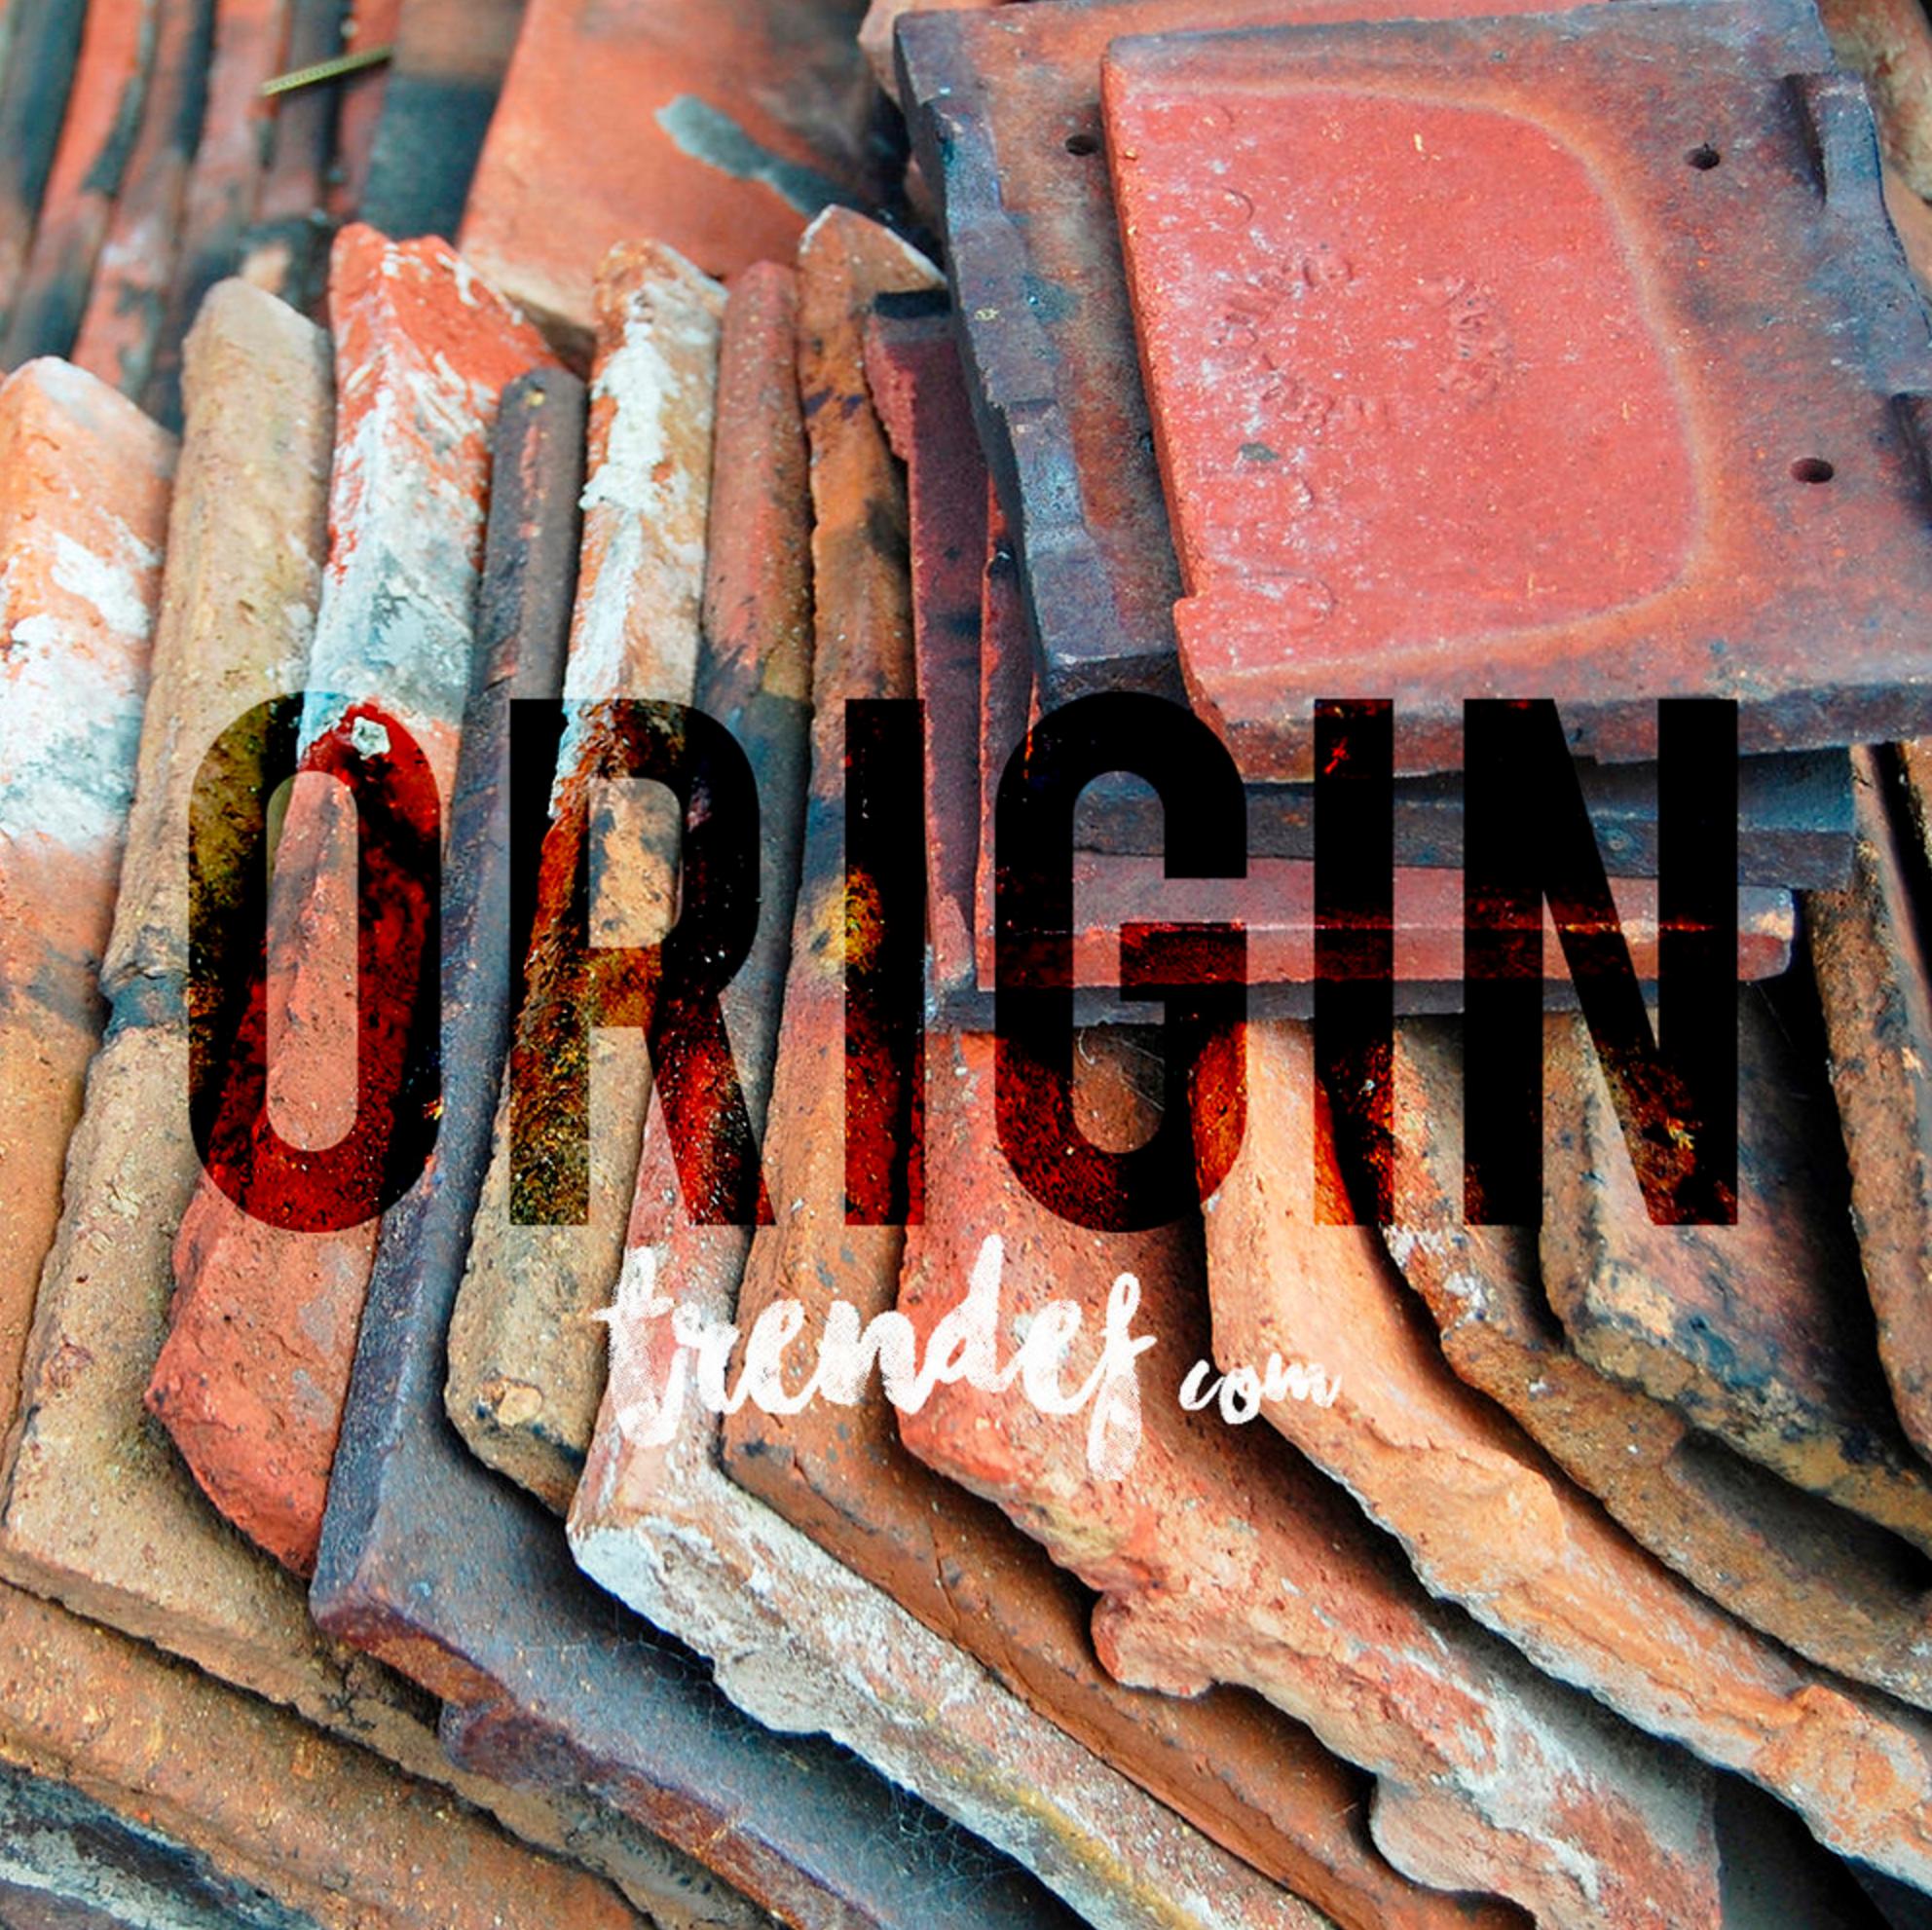 tendencia Origin